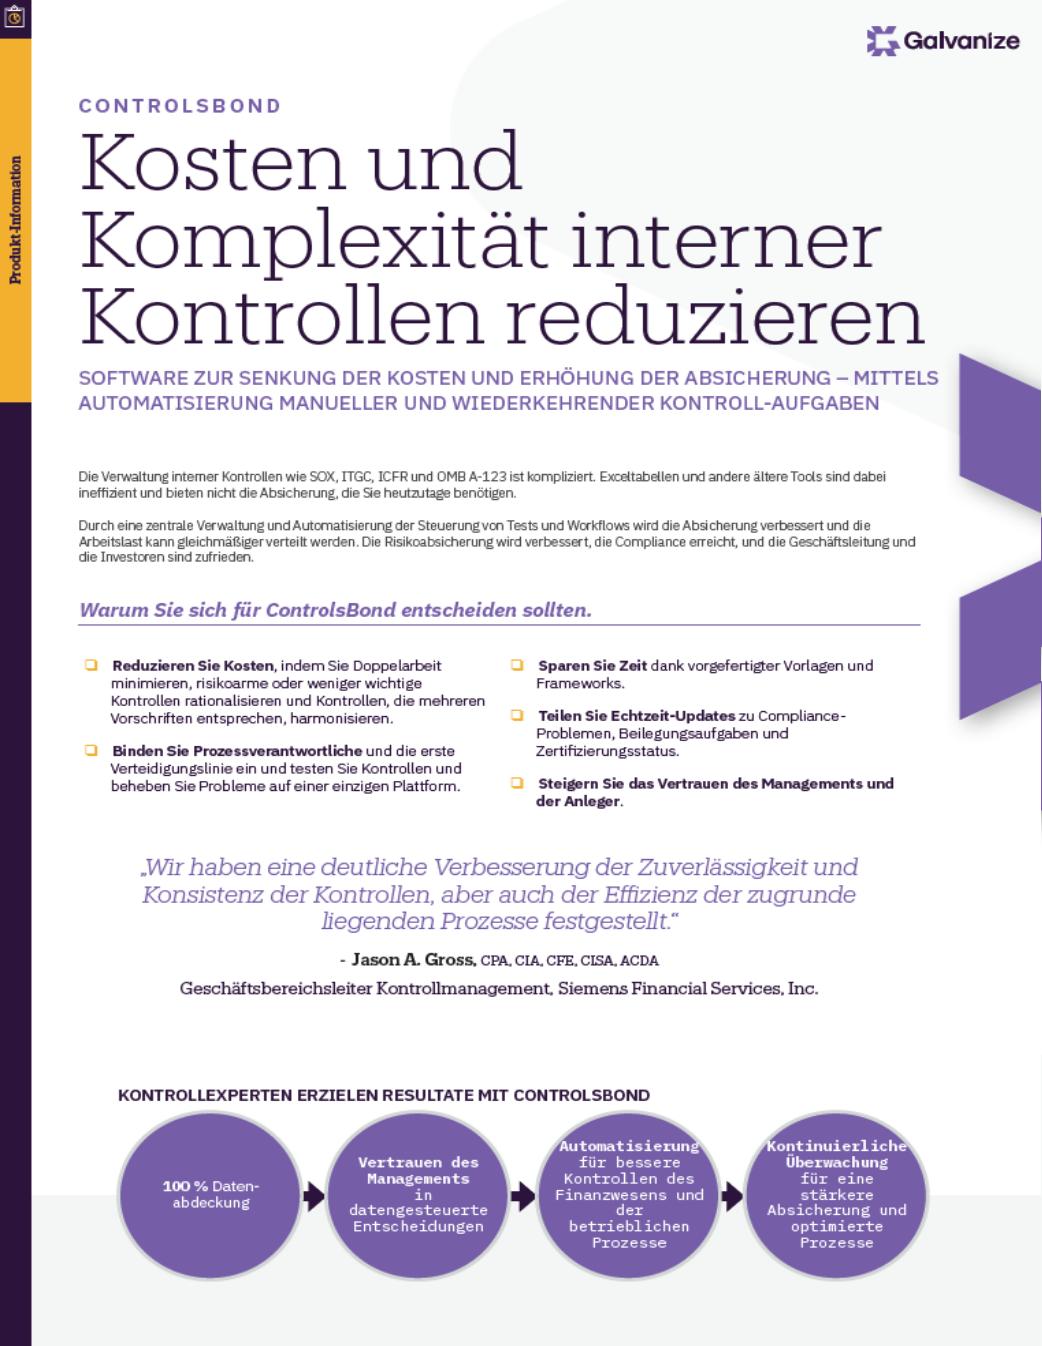 Kosten und Komplexität interner Kontrollen reduzieren